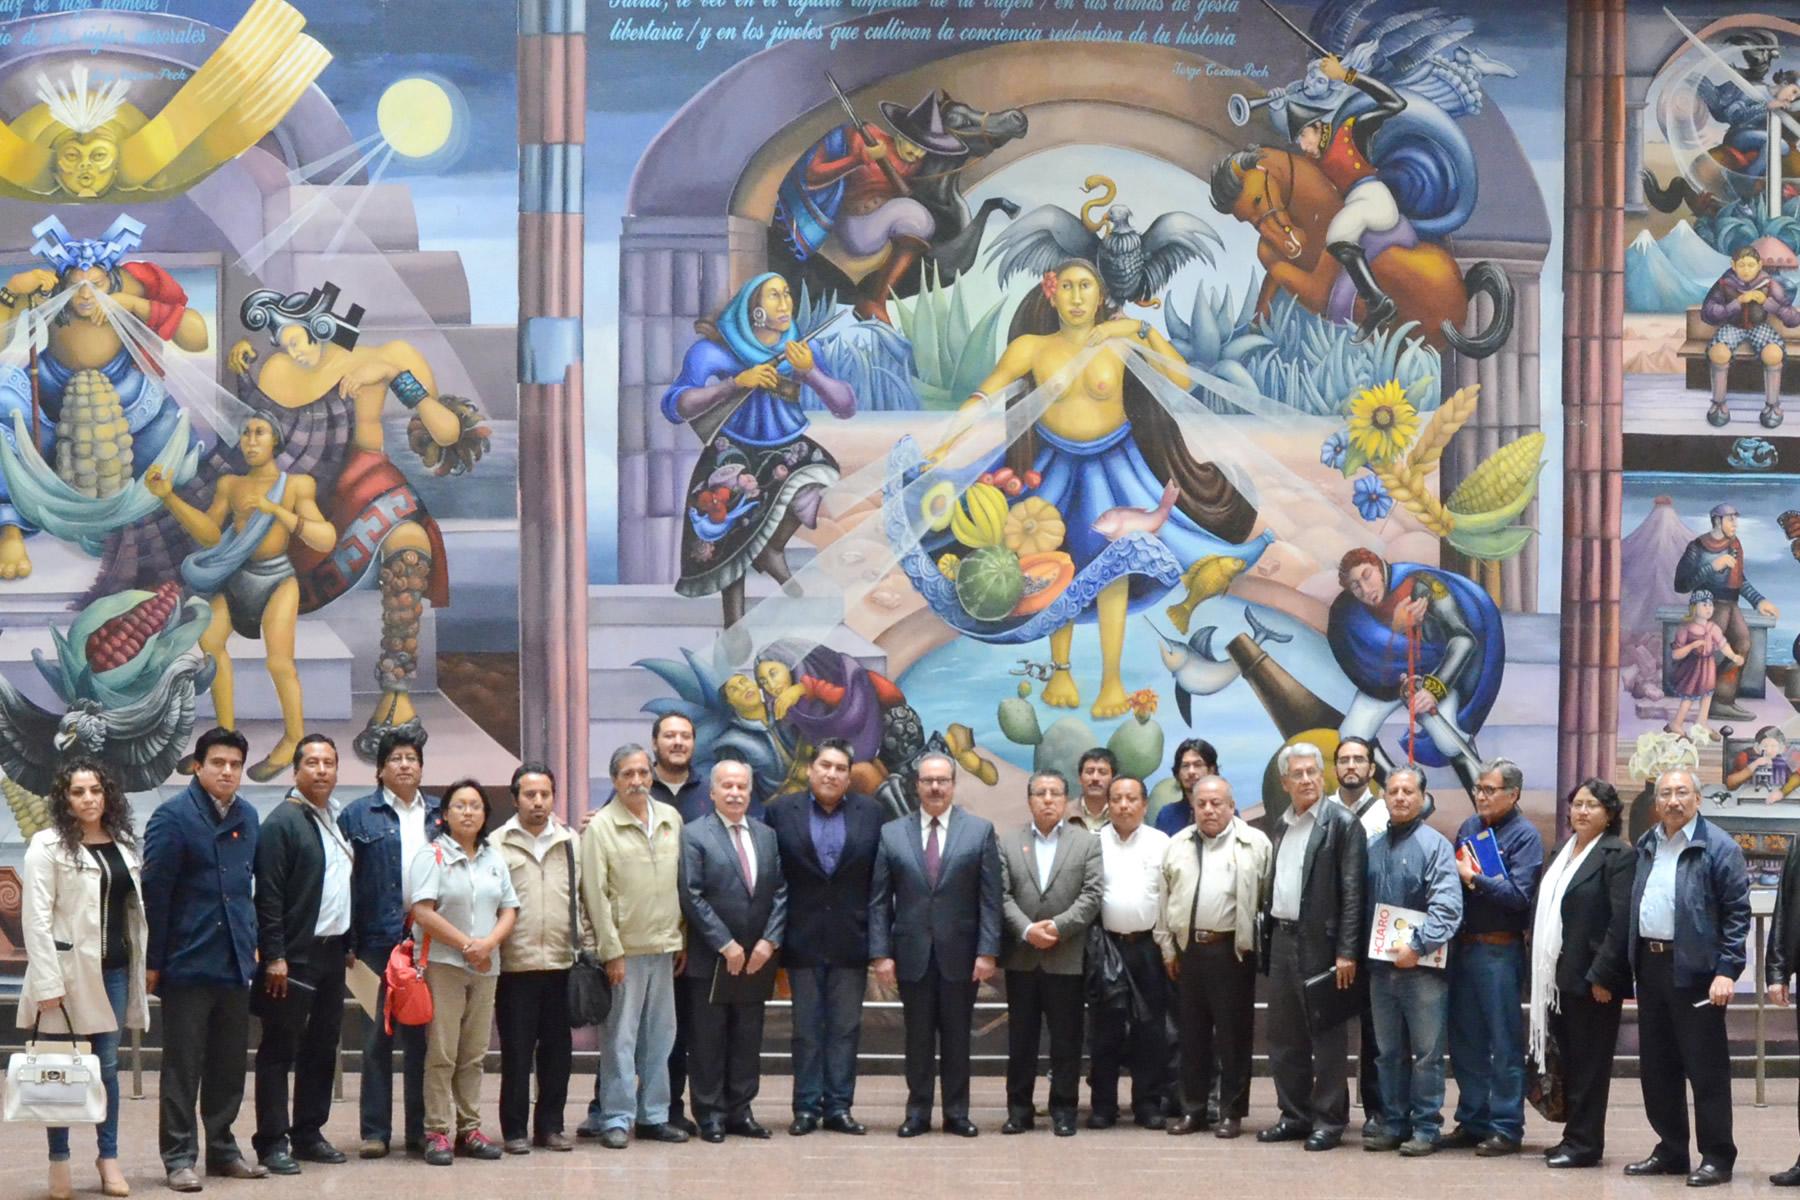 Dirigentes de organizaciones agrupadas en el Consejo Nacional de Organismos Rurales y Pesqueros (CONORP) destacaron la disposición del Gobierno de la República para establecer vías de diálogo incluyente con los productores.